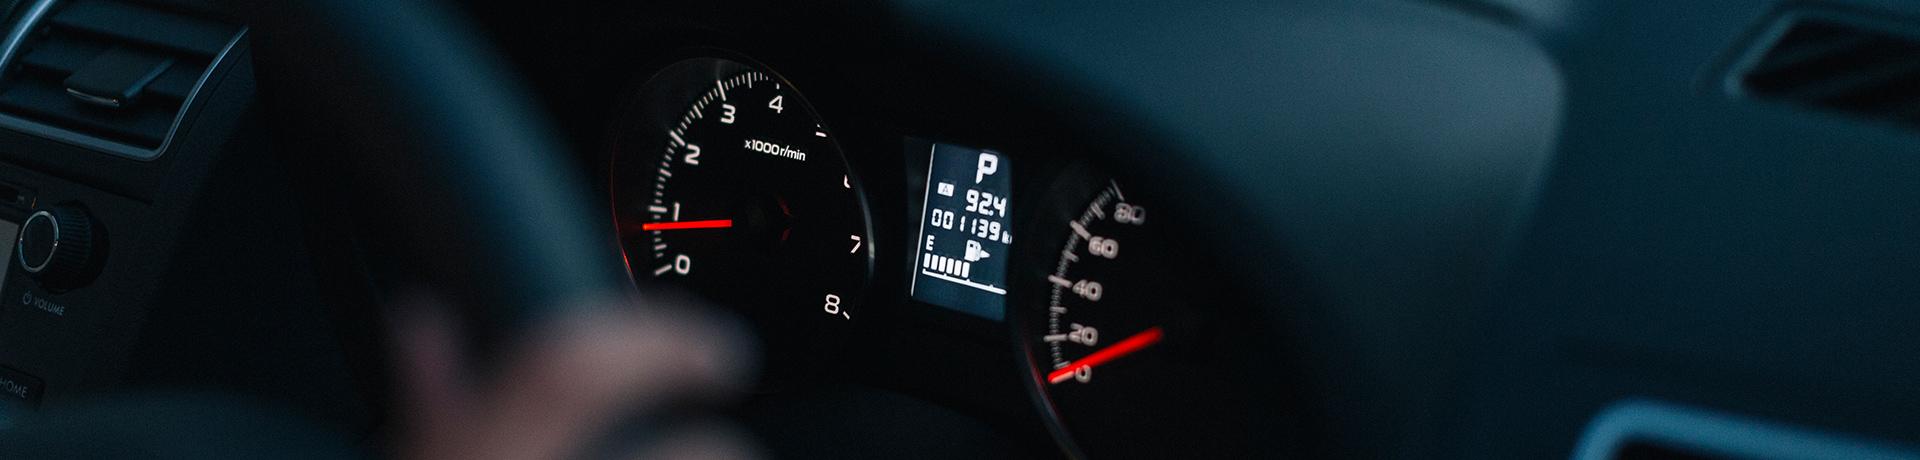 Car Dealer in VIC Wangaratta 3677 Wangaratta Subaru 45-47 Tone Road 0357222000